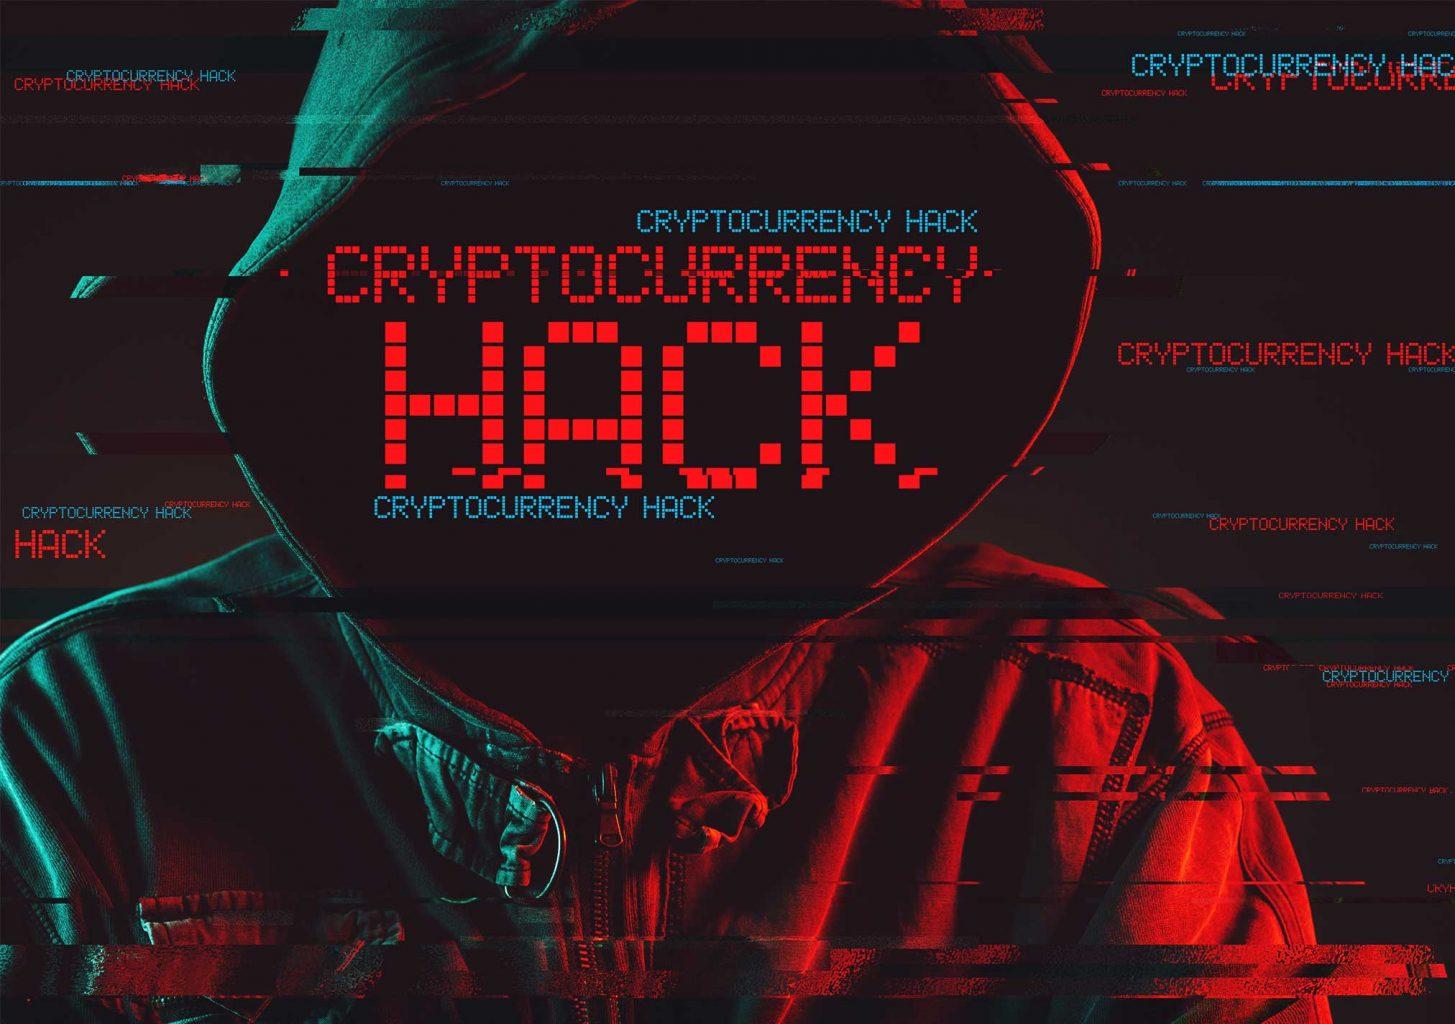 برترین سایت های هک و امنیت-برای هکر شدن